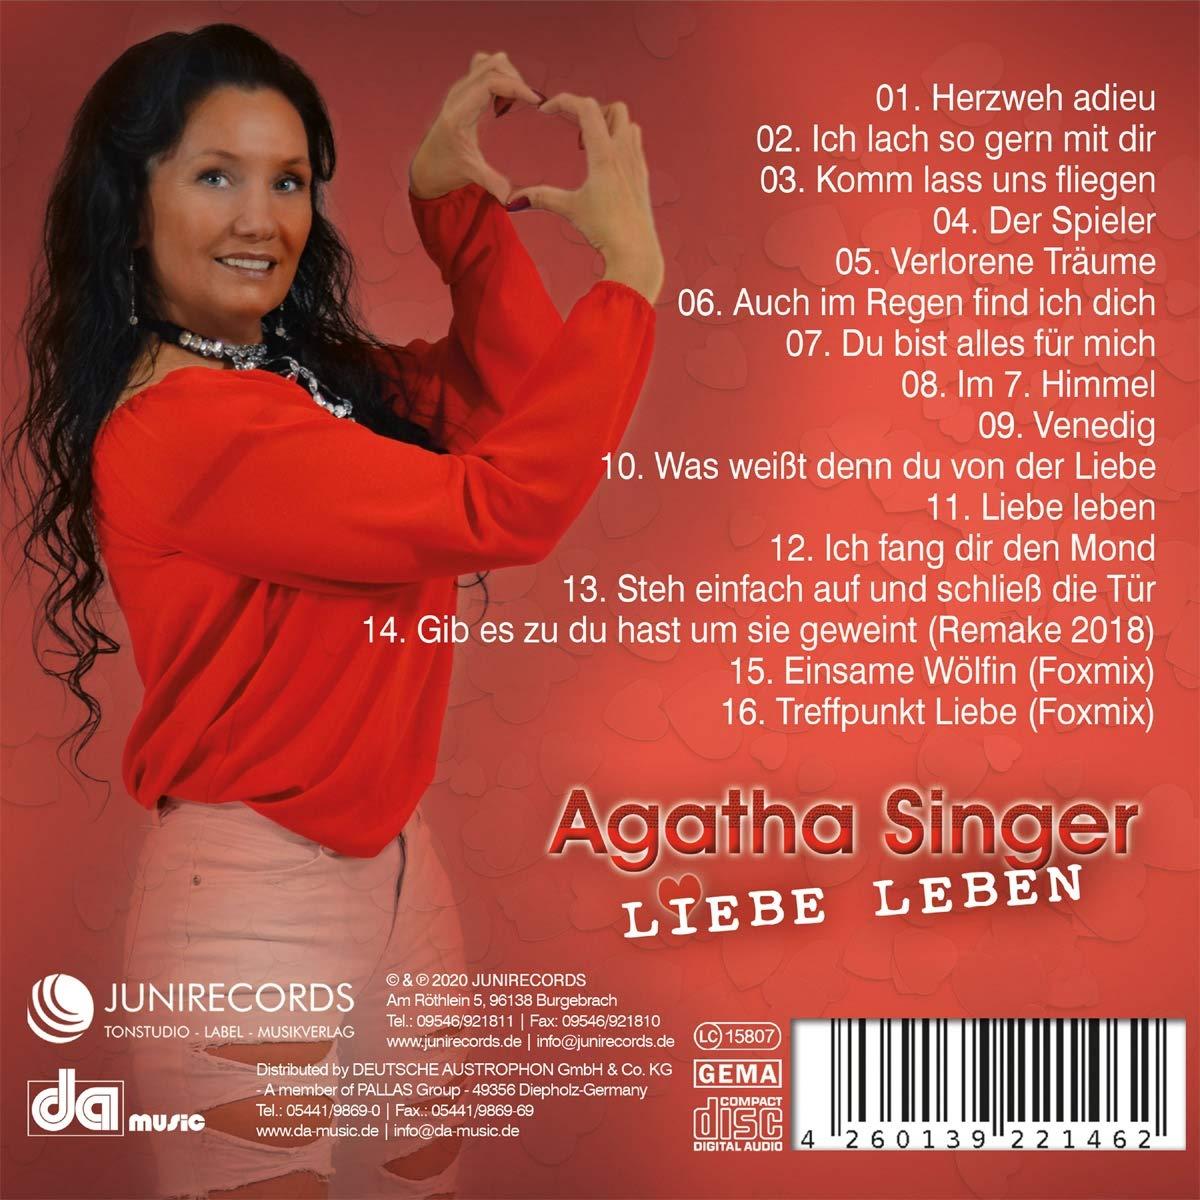 Agatha Singer - Liebe Leben (2020)